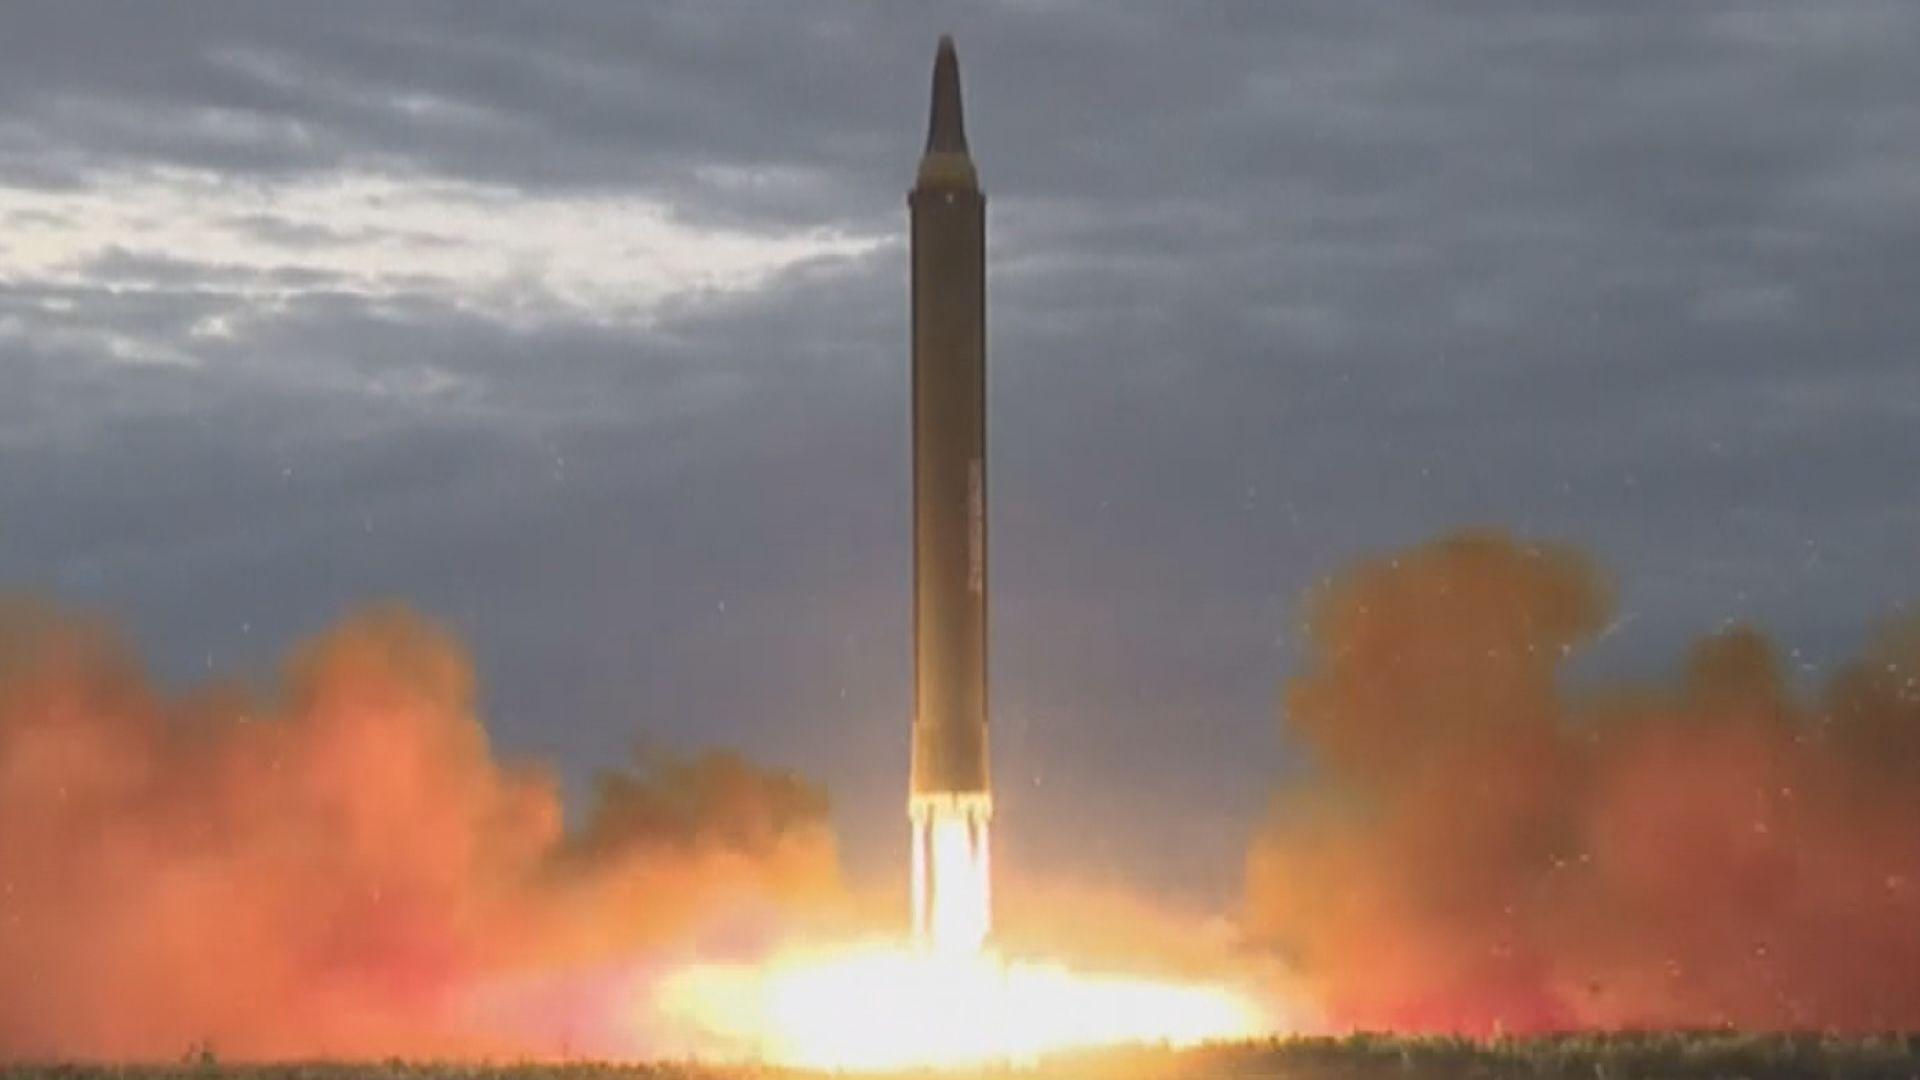 南韓對北韓試射導彈表遺憾 惟未視之為挑釁